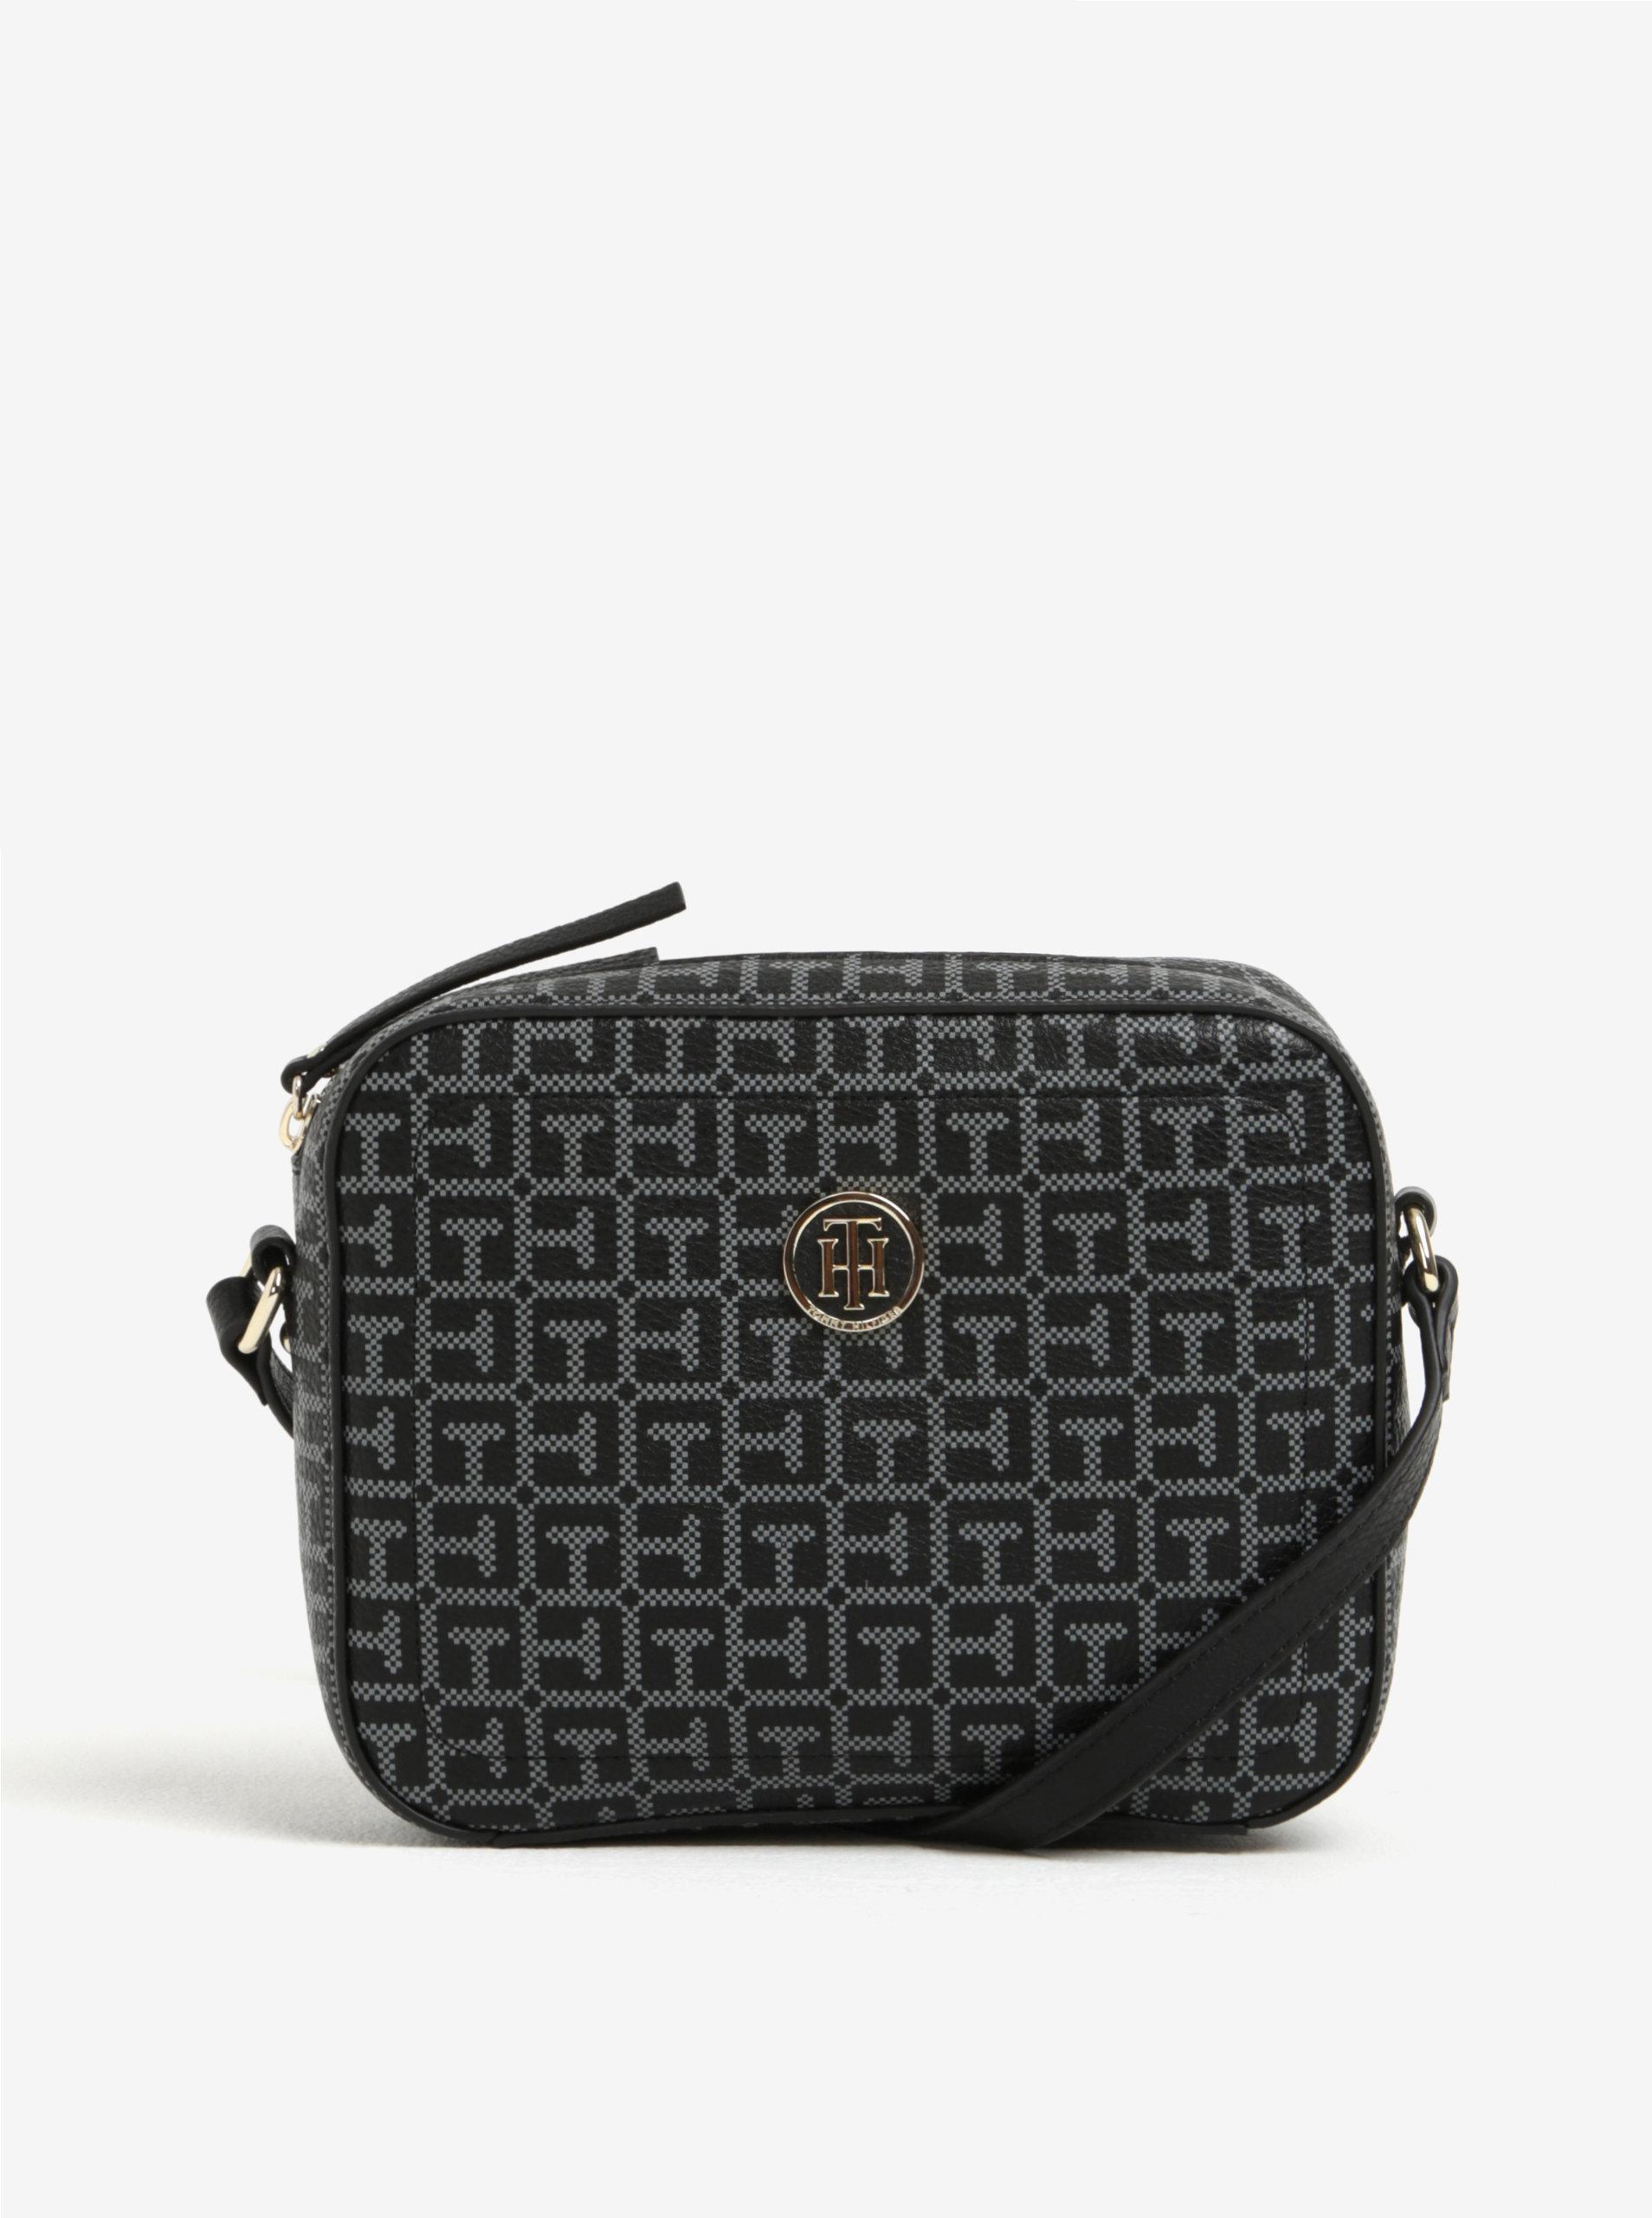 5f82b18ad6 Sivo-čierna dámska vzorovaná crossbody kabelka Tommy Hilfiger ...